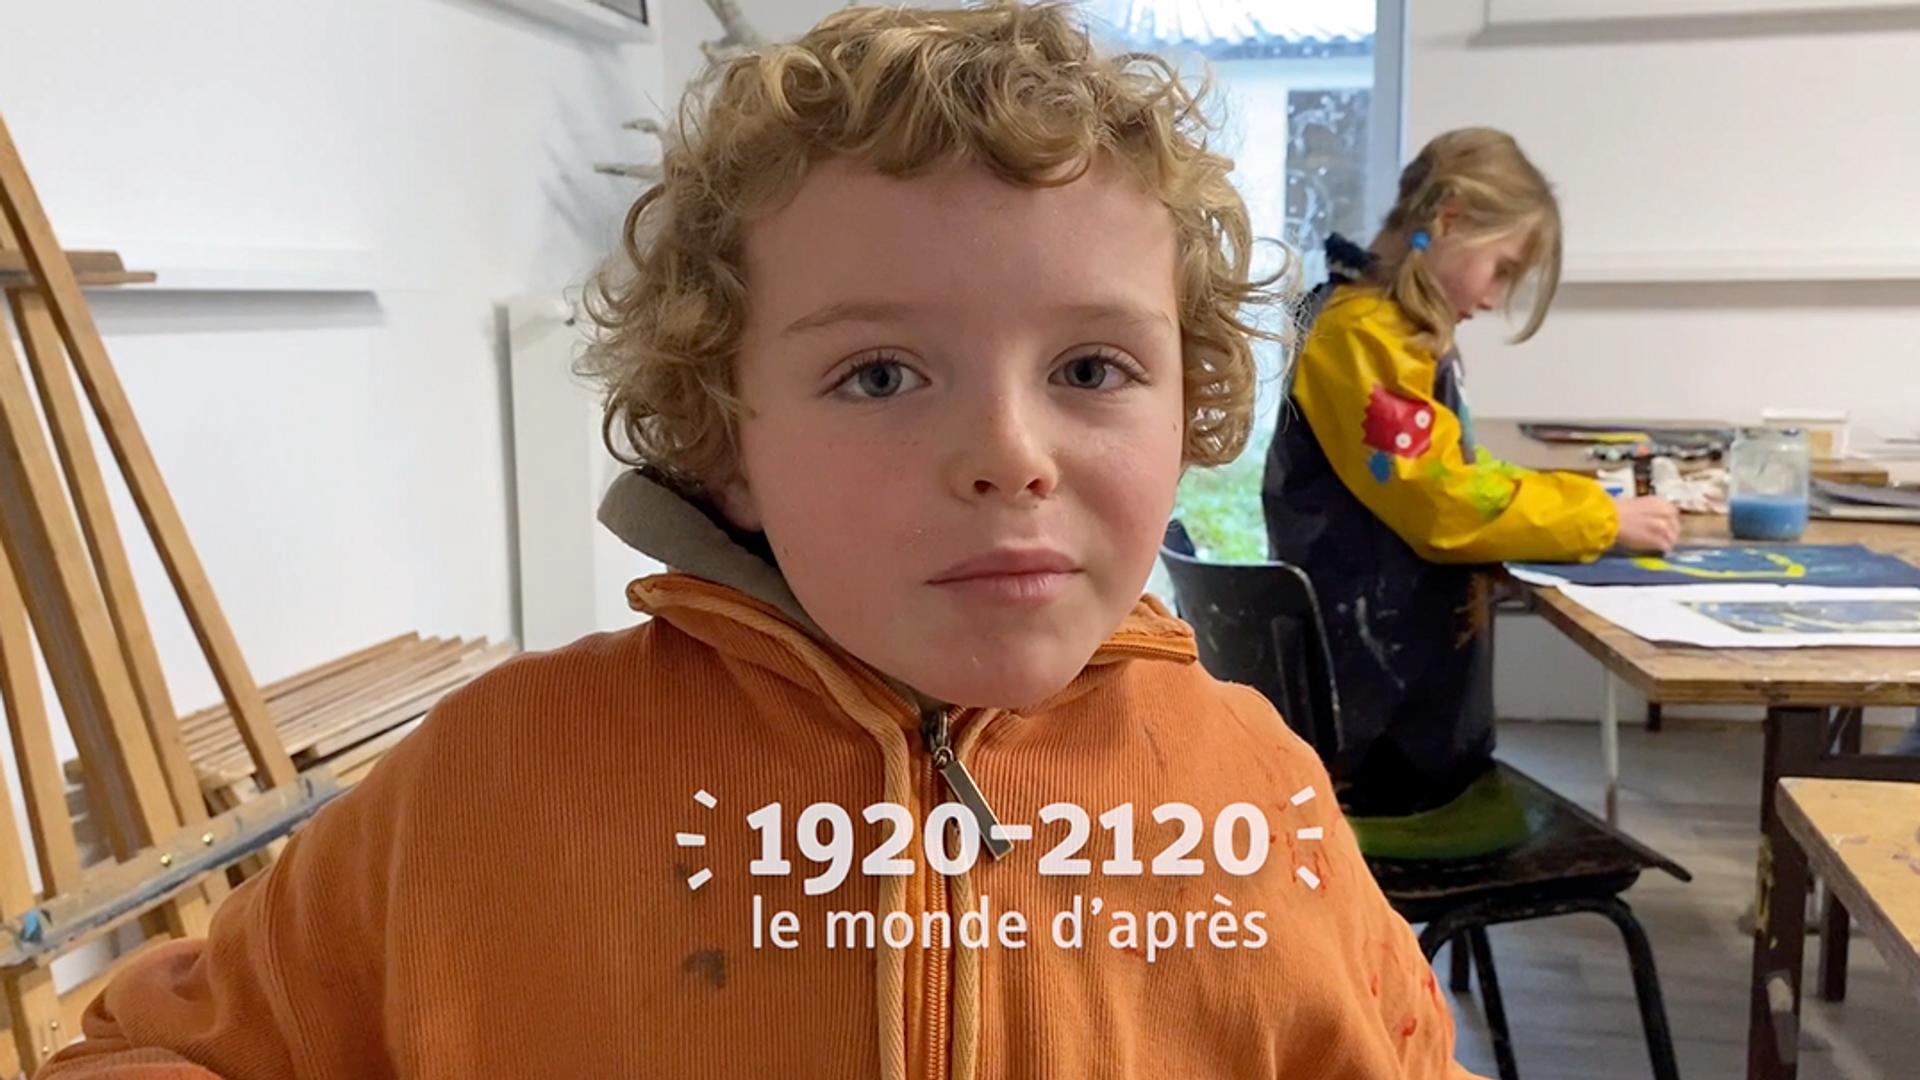 1920-2120 Le Monde d'Après